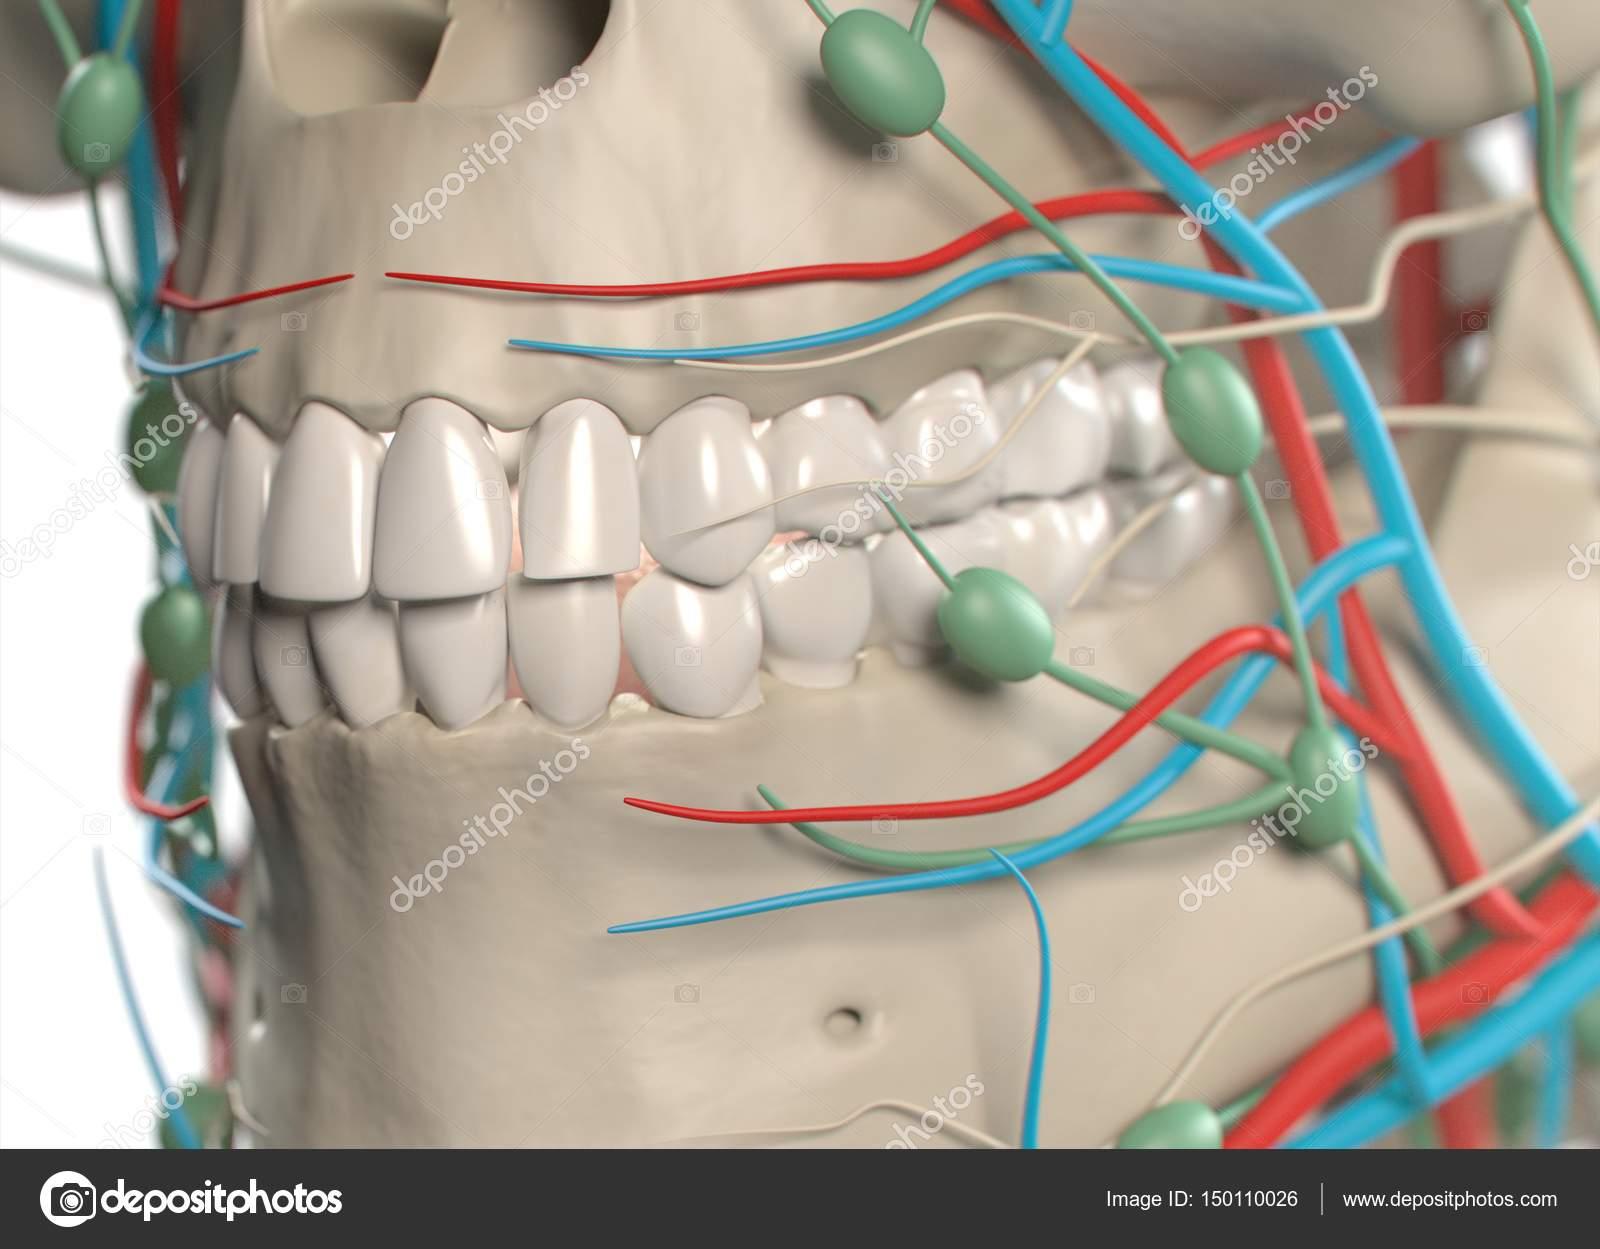 Human teeth anatomy model — Stock Photo © AnatomyInsider #150110026